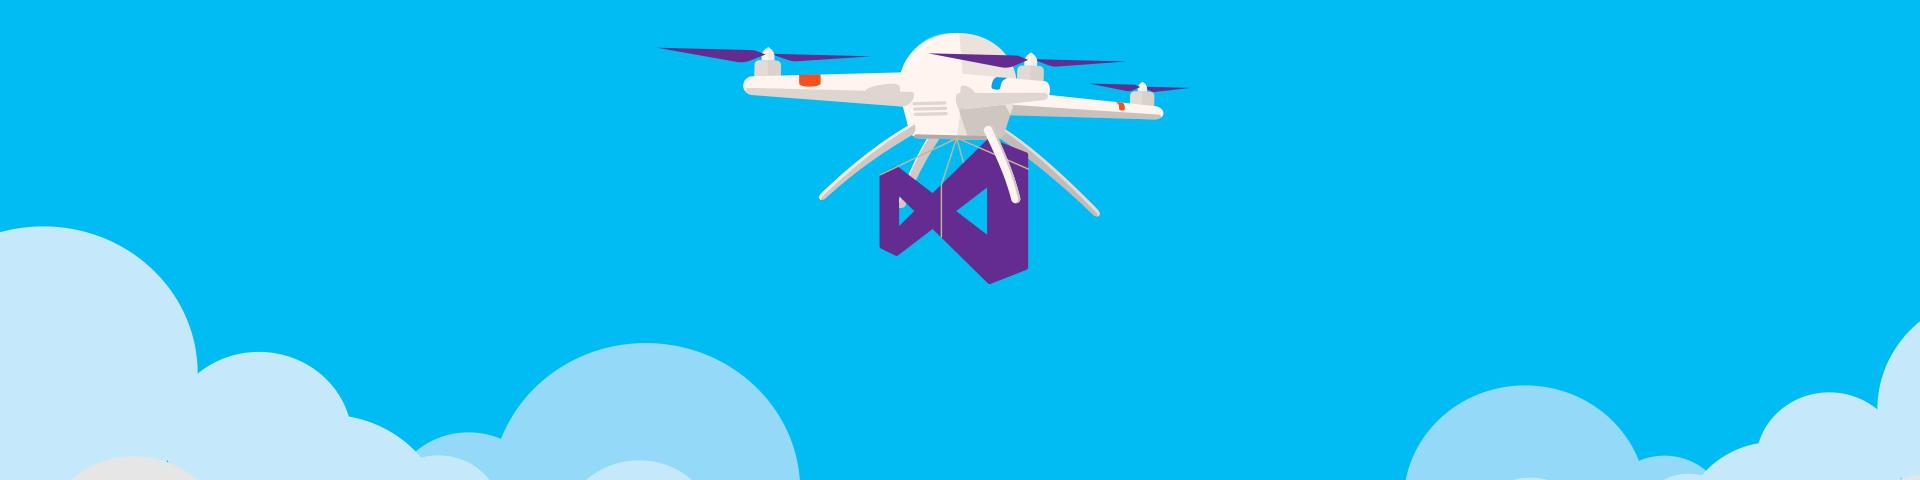 Afbeelding van een vliegende drone met het Visual Studio-logo